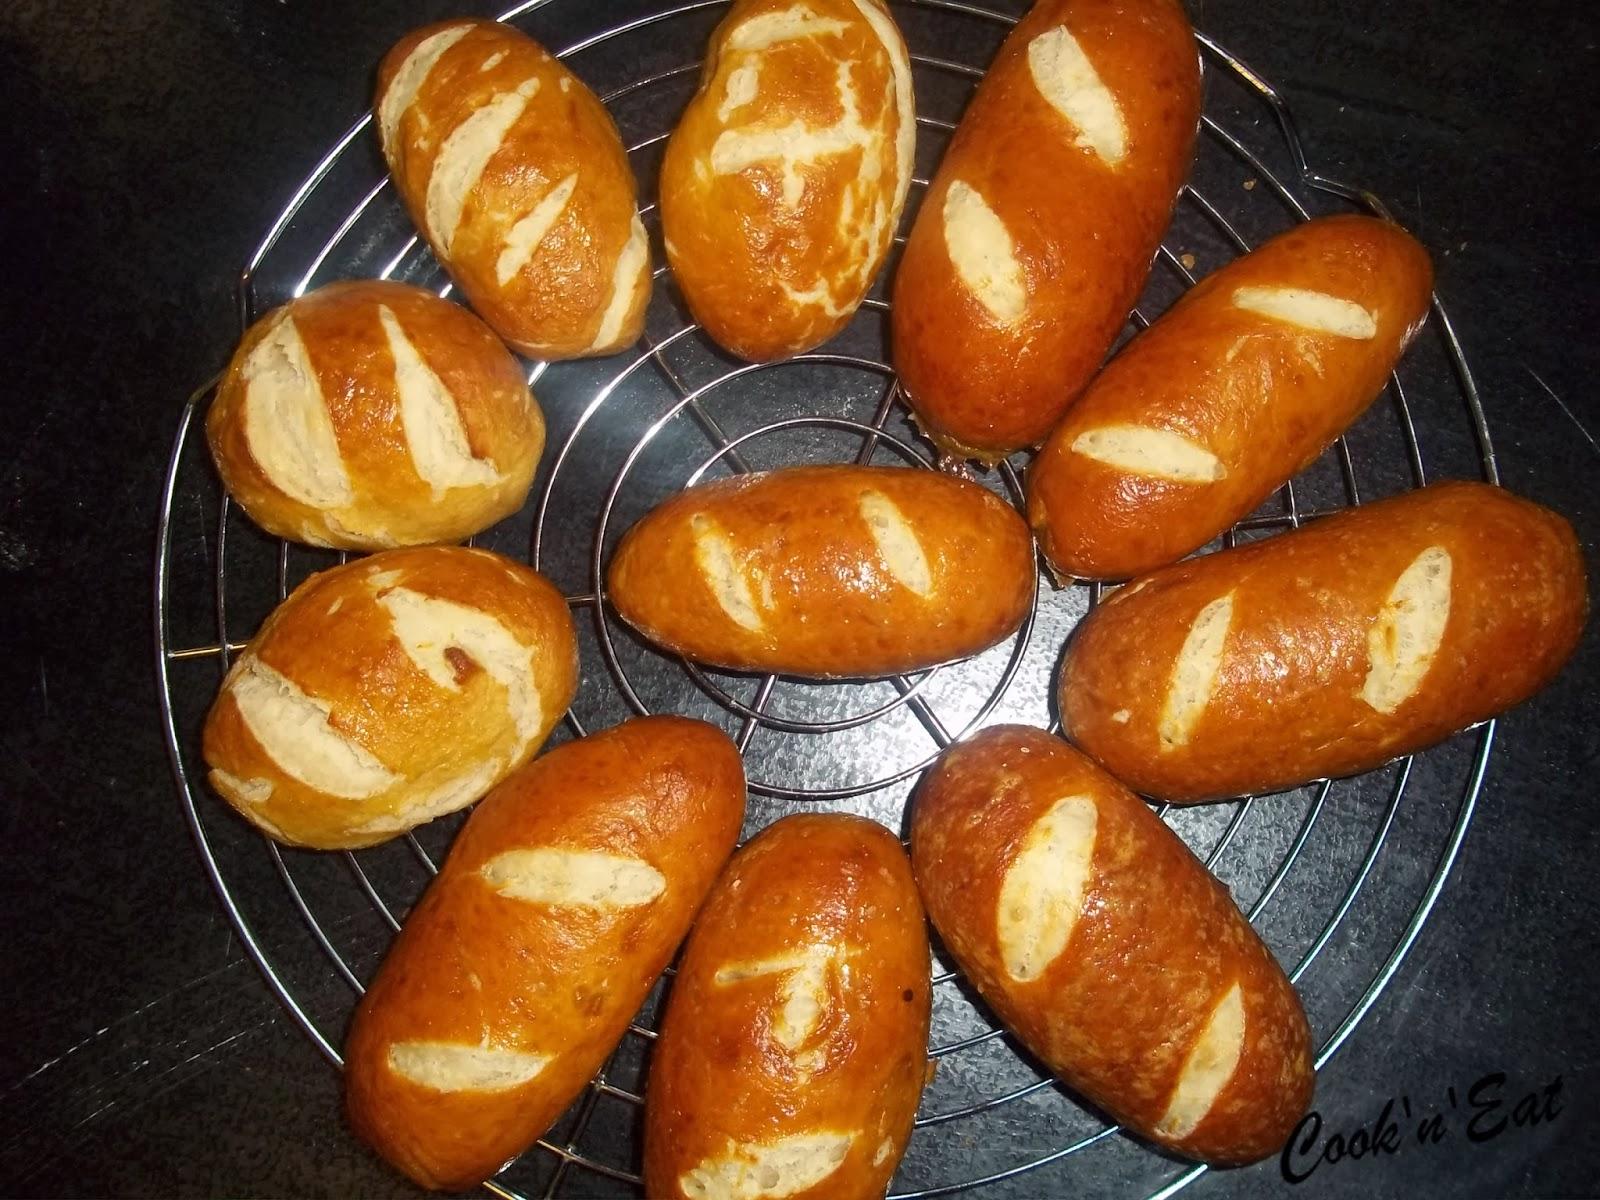 Recette de mauricette pain alsacien blogs de cuisine - Kouglof alsacien recette en video cuisine ...